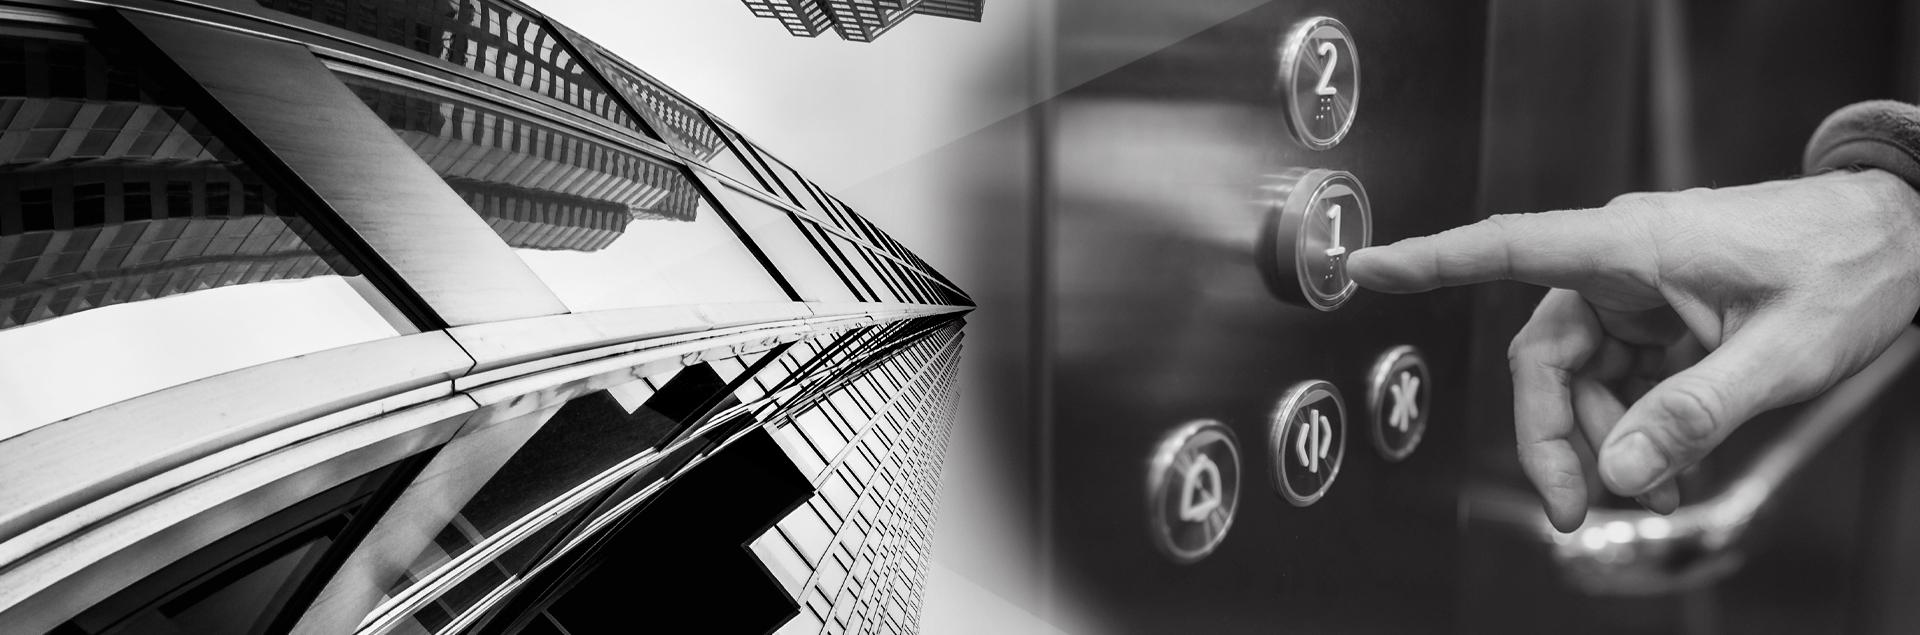 Projelerinize Uygun Hizmetler - NOVA Asansör